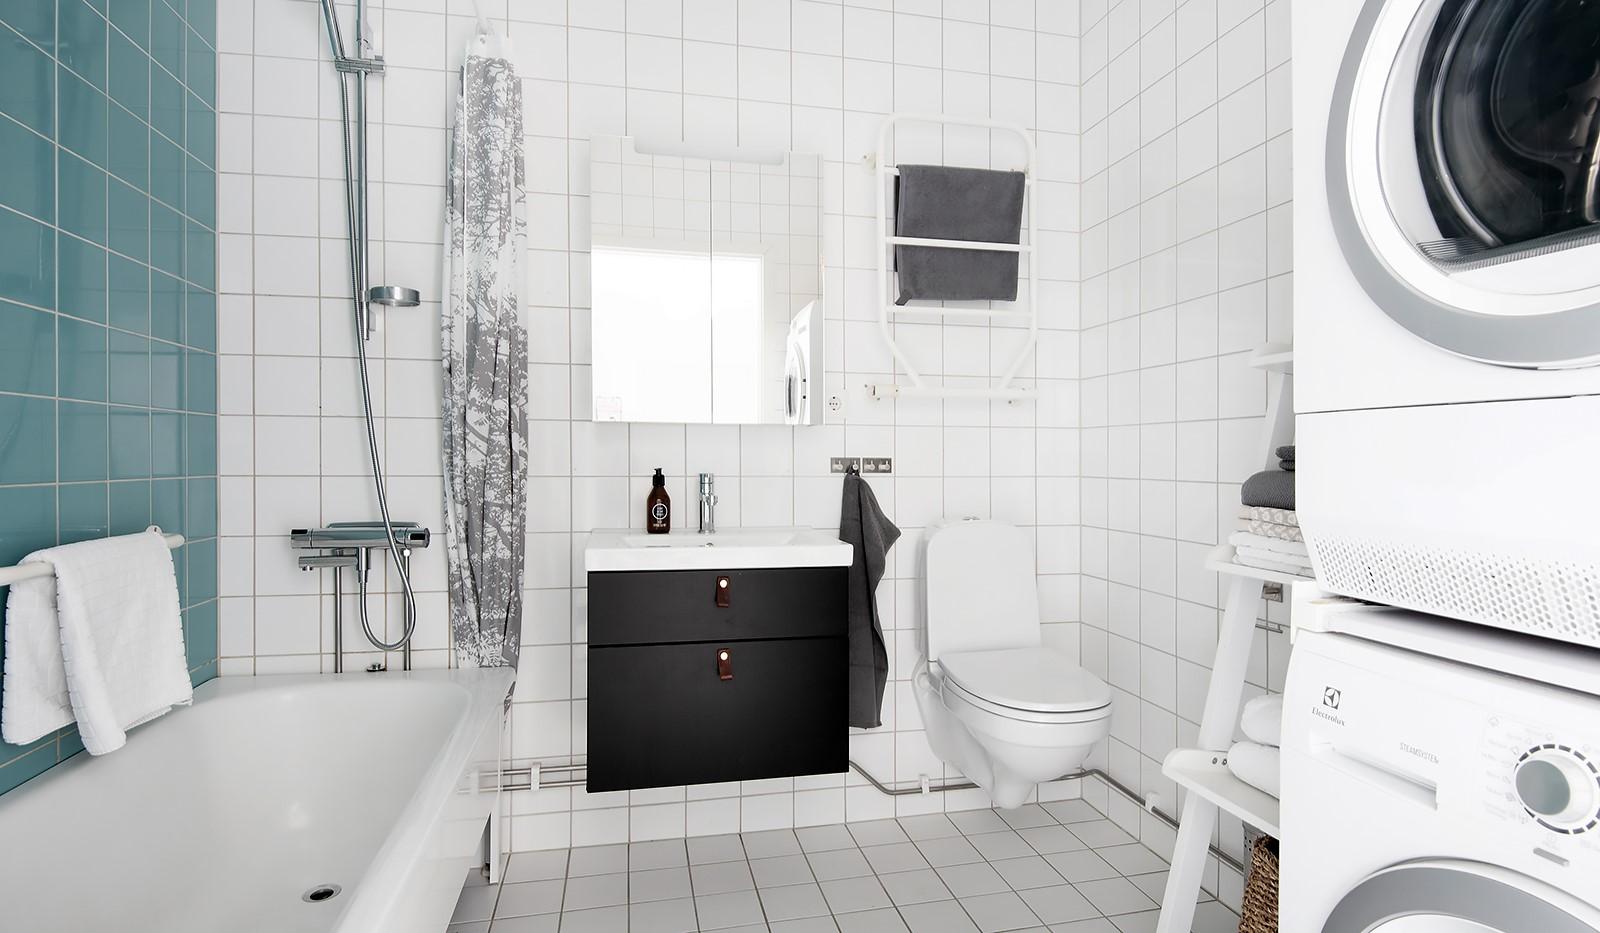 Babordsgatan 5, vån 3 - Stilrent och välutrustat badrum